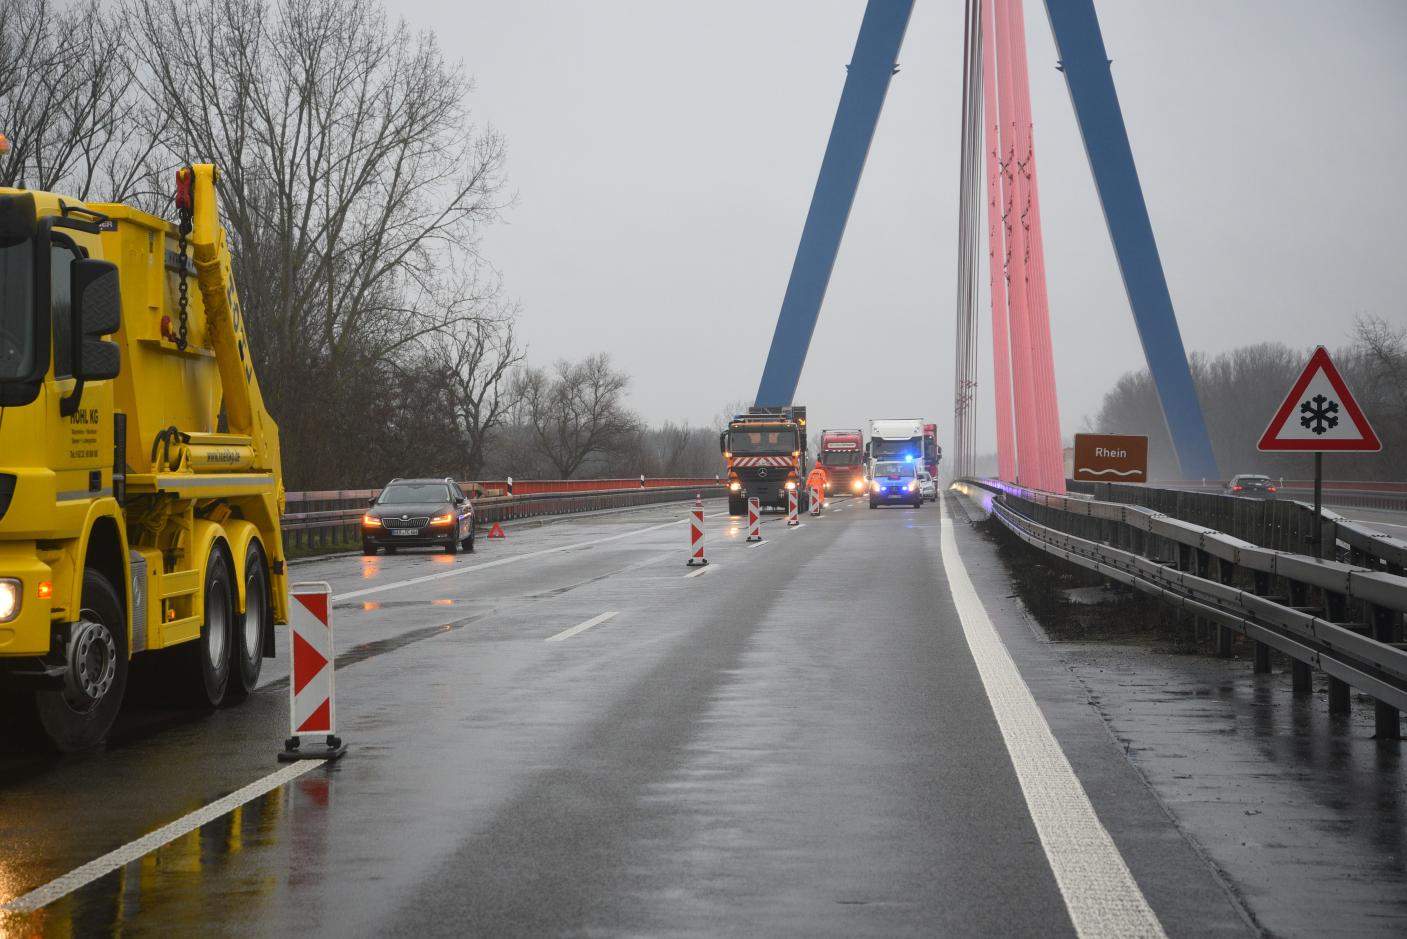 Hockenheim/A61:  Glück im Unglück! Auflieger eines 40-Tonnen-Sattelzuges löst sich während der Fahrt von Zugmaschine